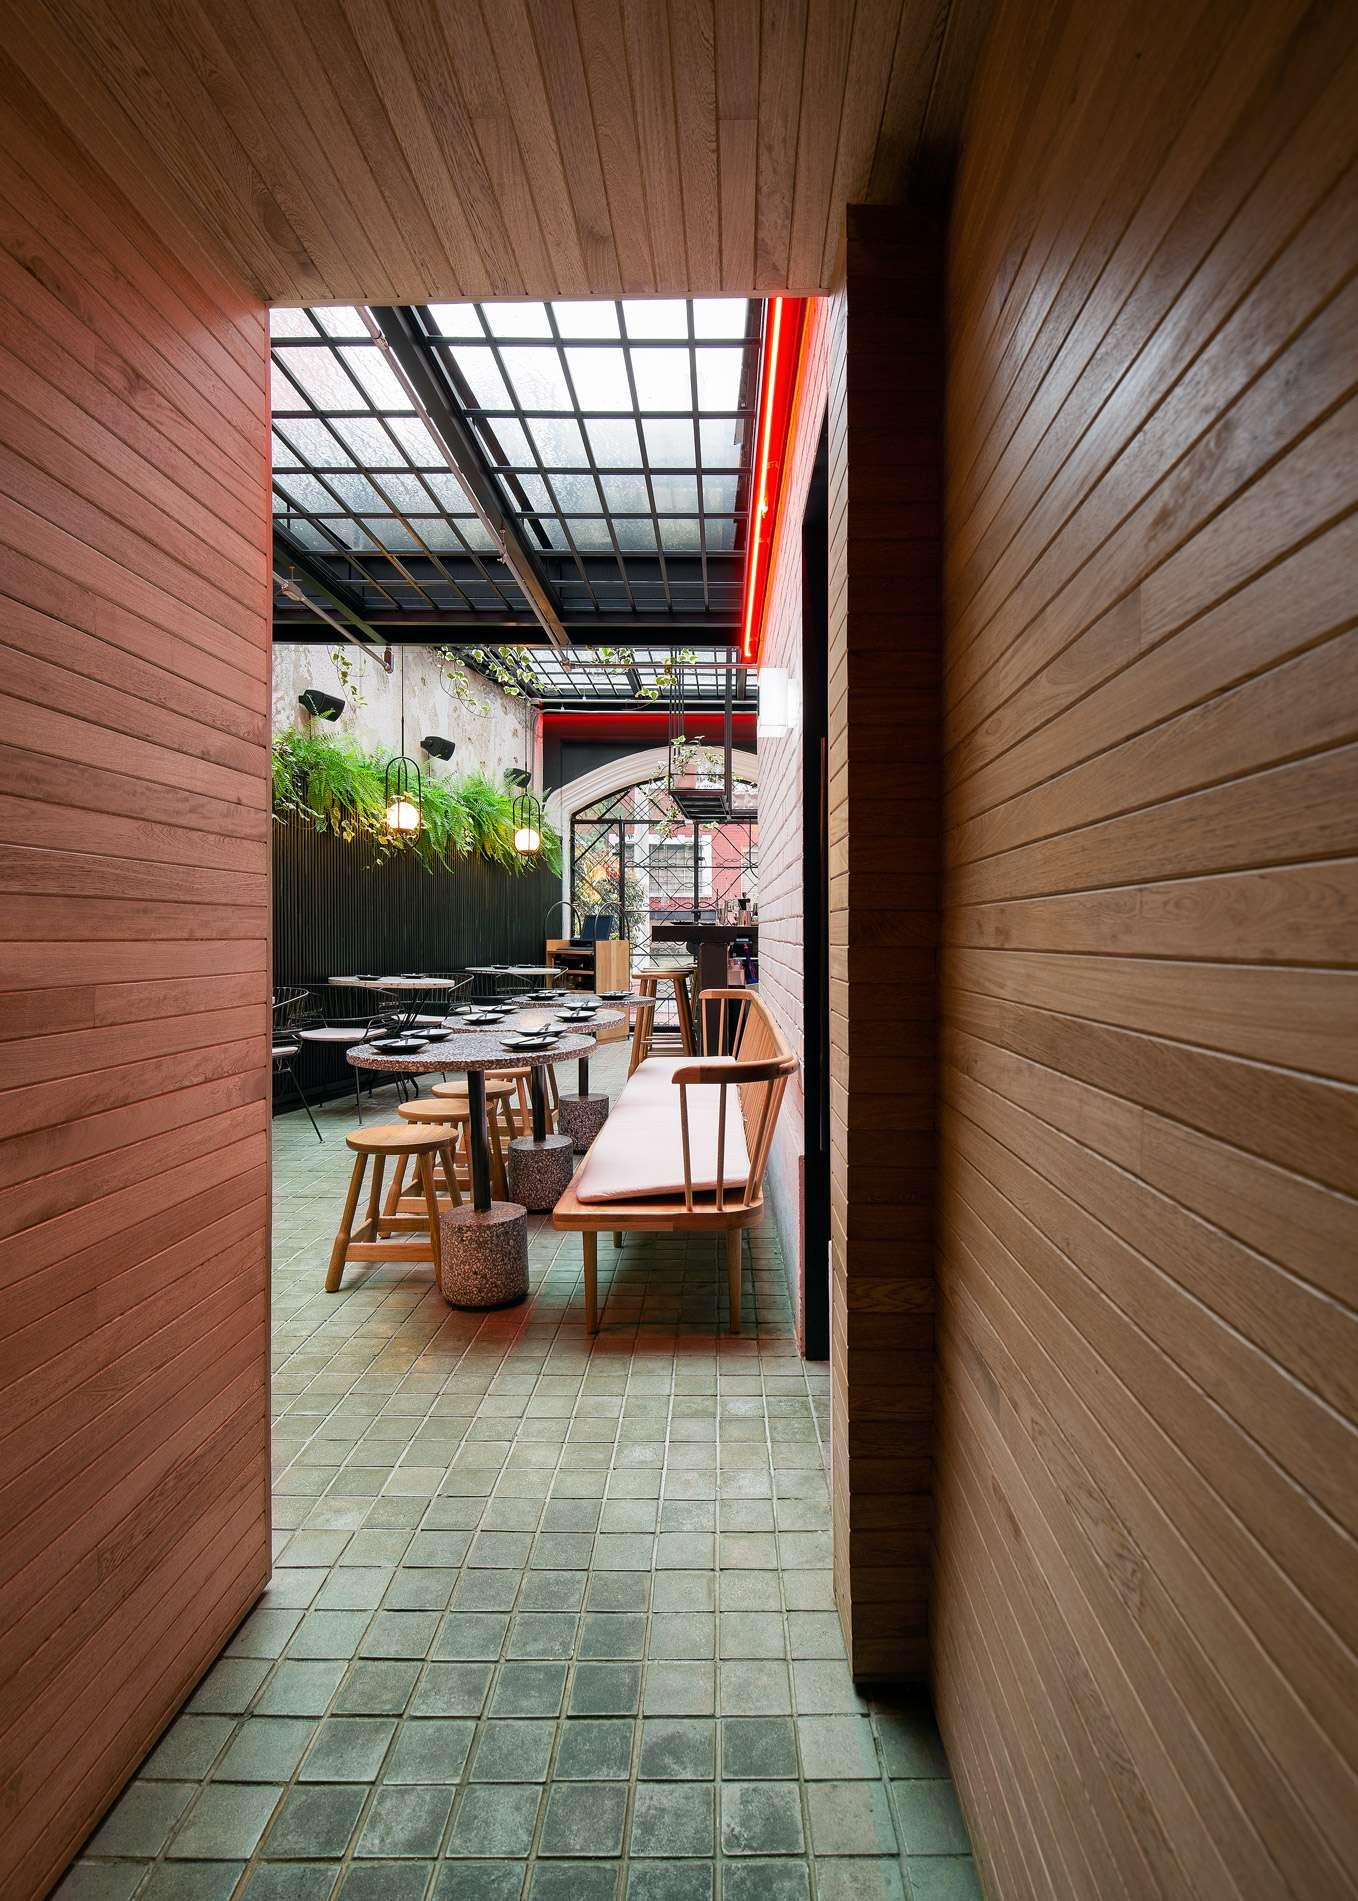 06.elchino.colette.duque.arquitectura.simon.bosch.bogota.dimsum.interior.restaurant